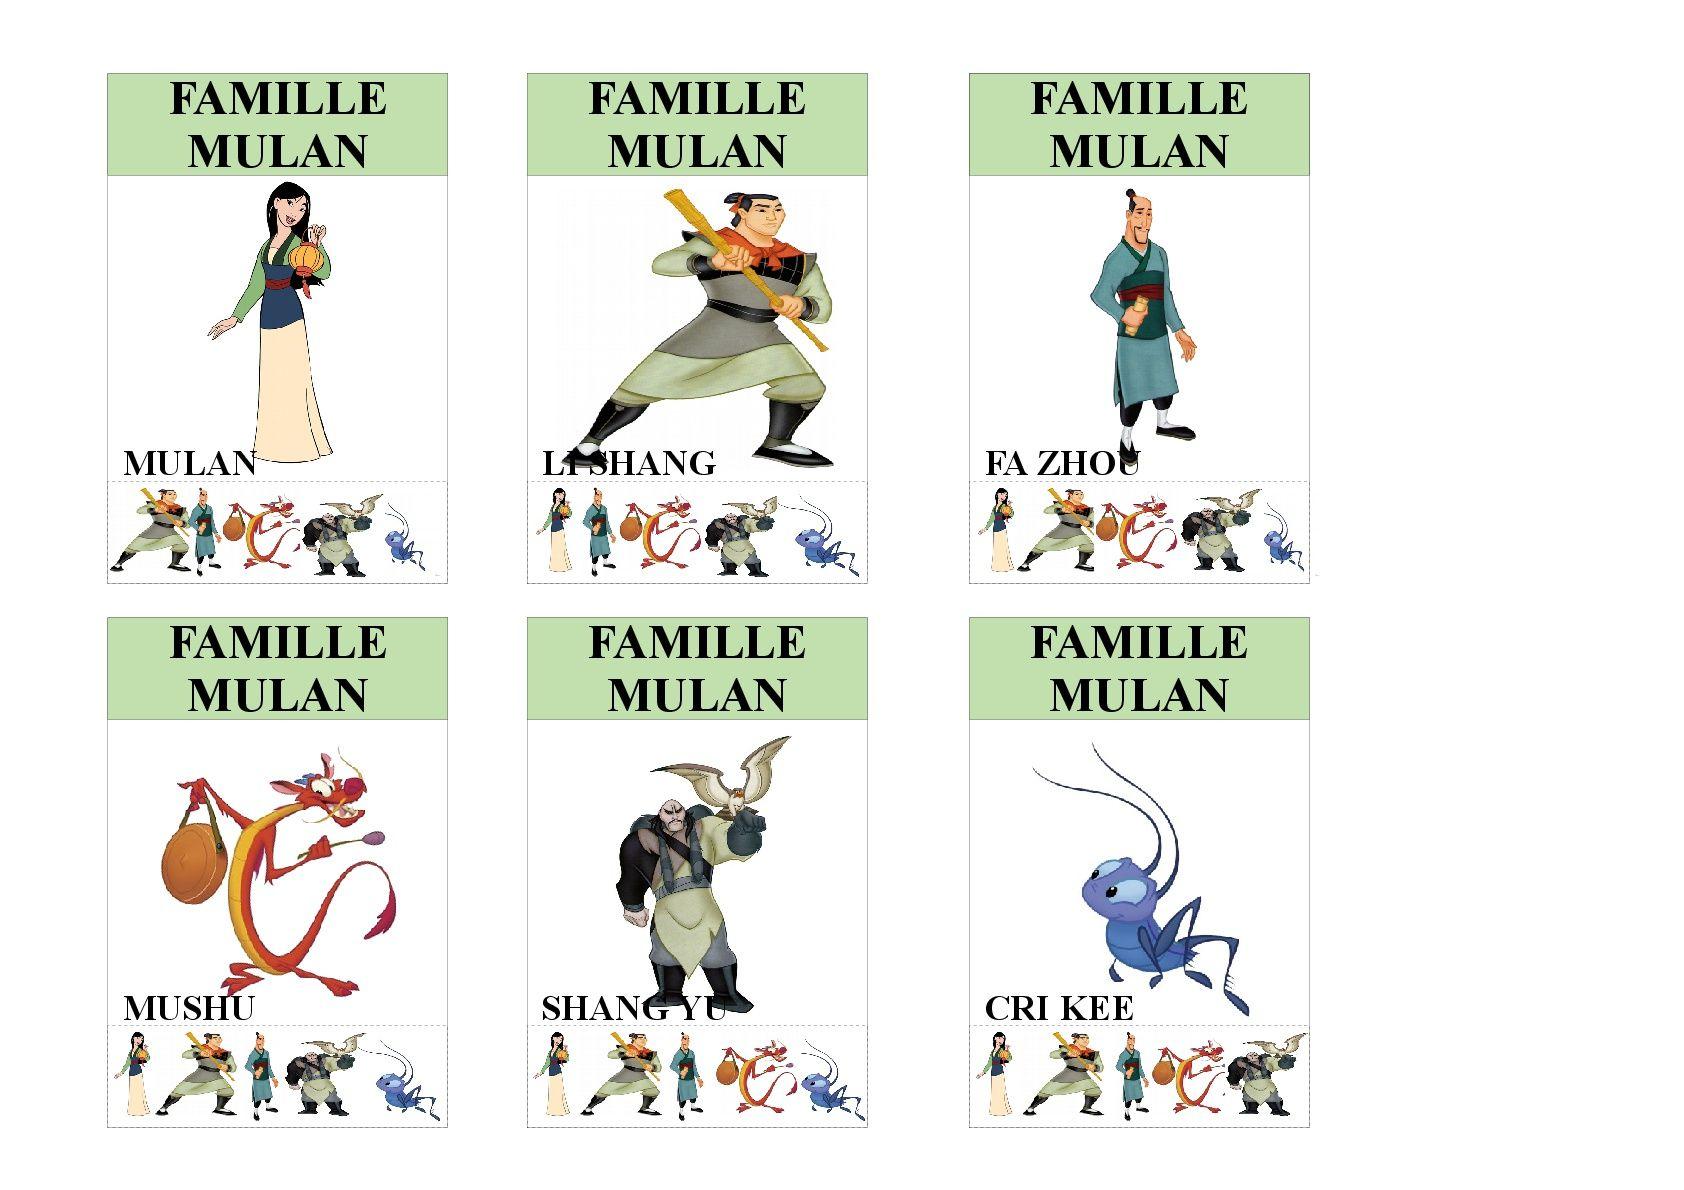 Famille Mulan Jeu Des 7 Familles Utilisable Pour Les Plus Jeunes Vu Que Tous Les Membres Des Familles Sont Ind Jeux Des 7 Familles Famille Disney Jeu De Cartes